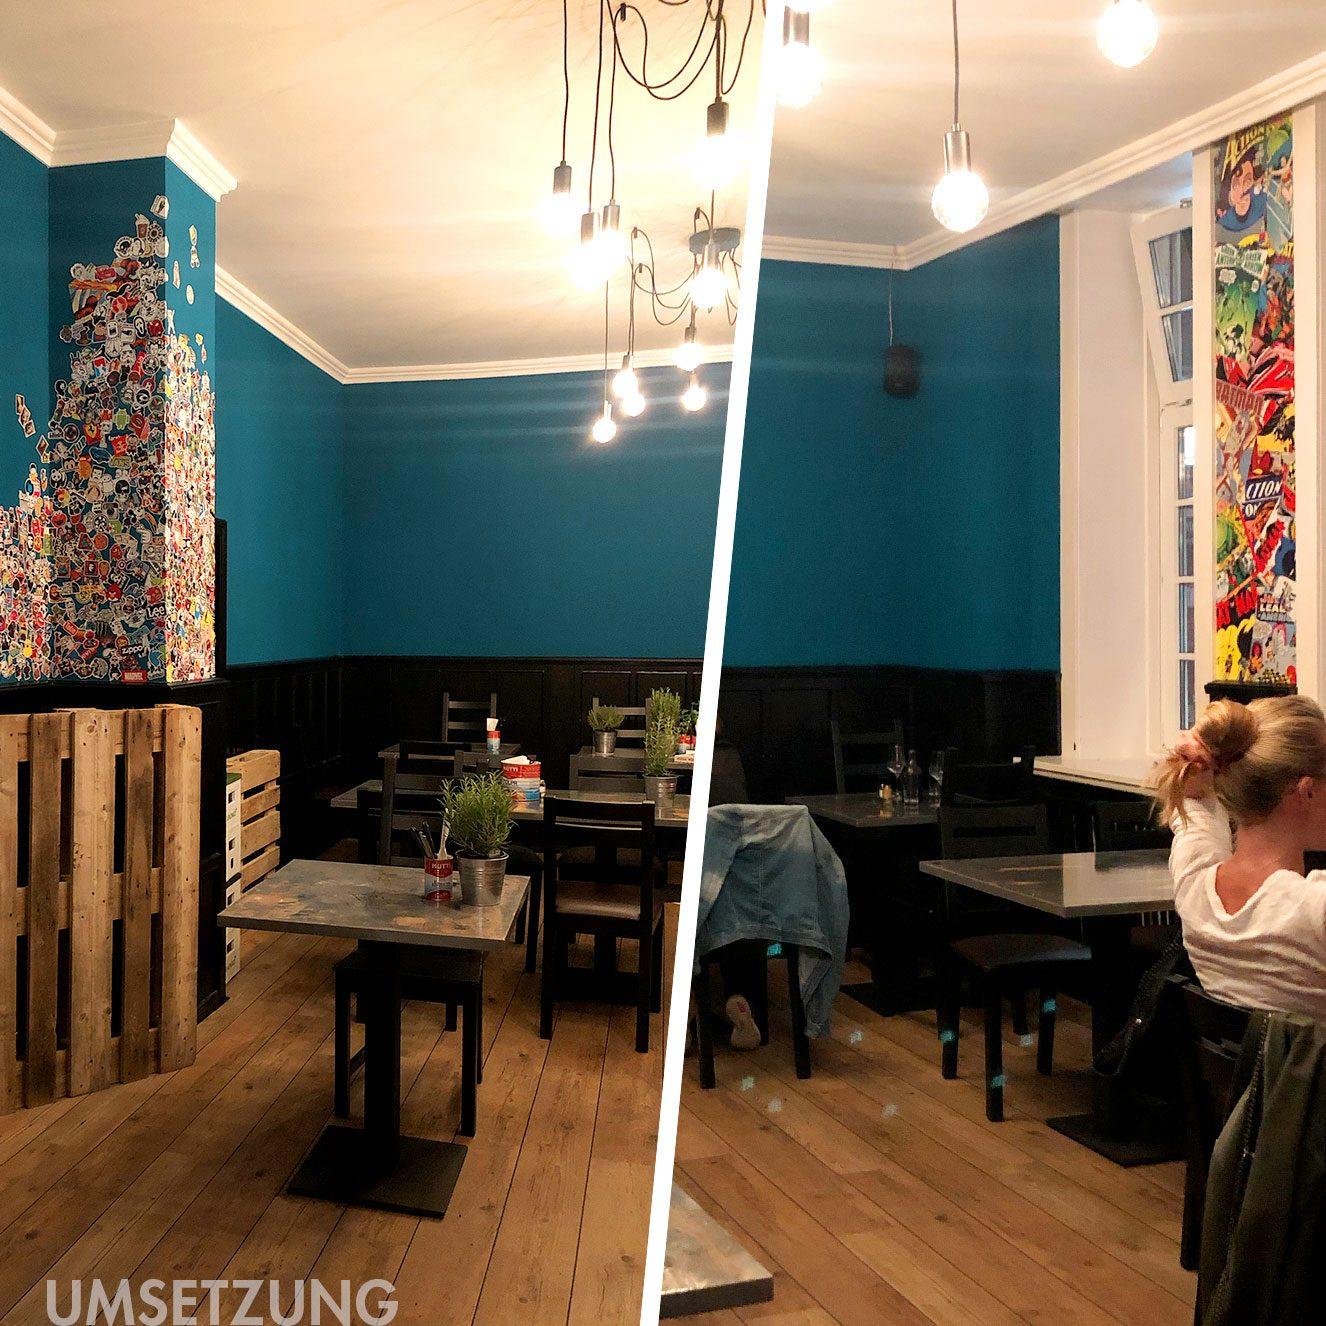 Teigfabrik Marke im Raum